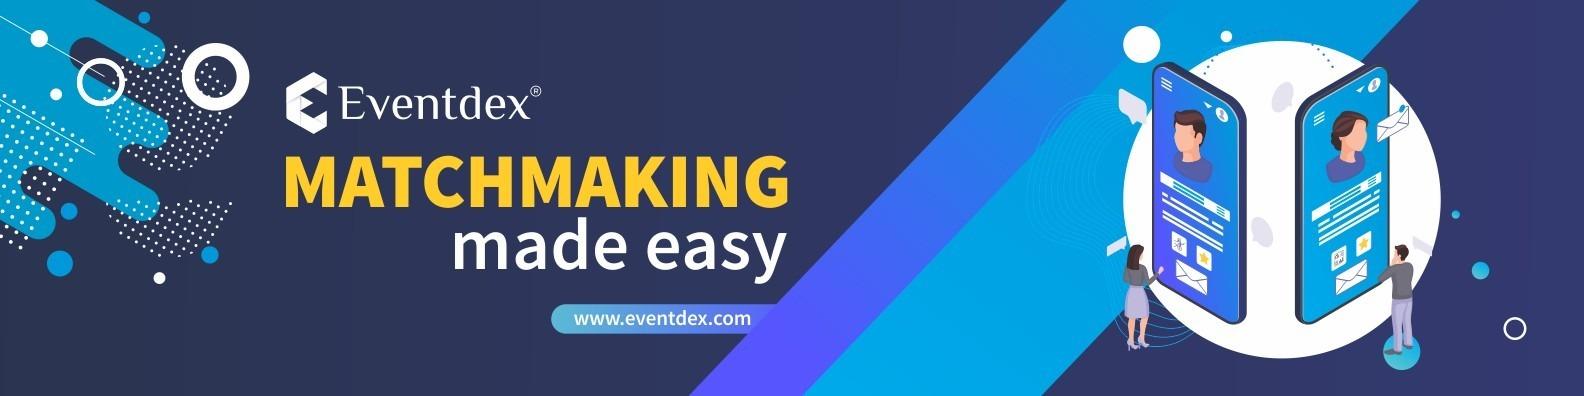 Eventdex (@shweta22) Cover Image